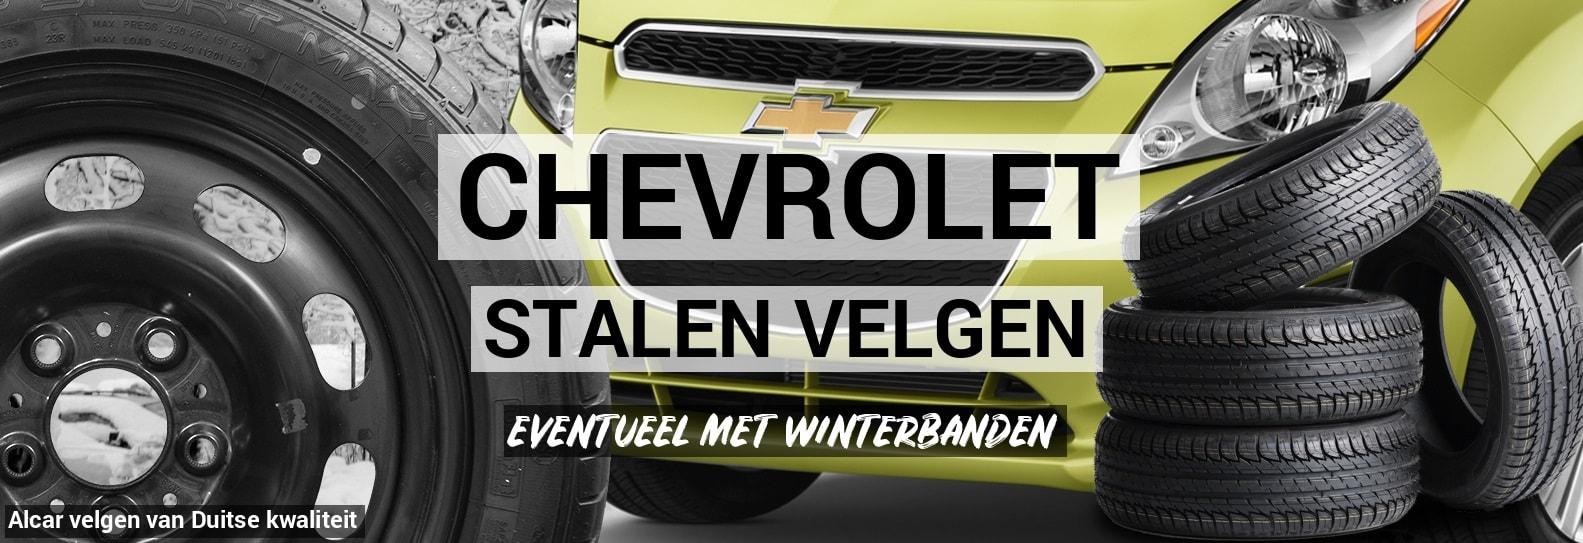 Stalen Velgen Chevrolet Autobanden Prijsvechter Online